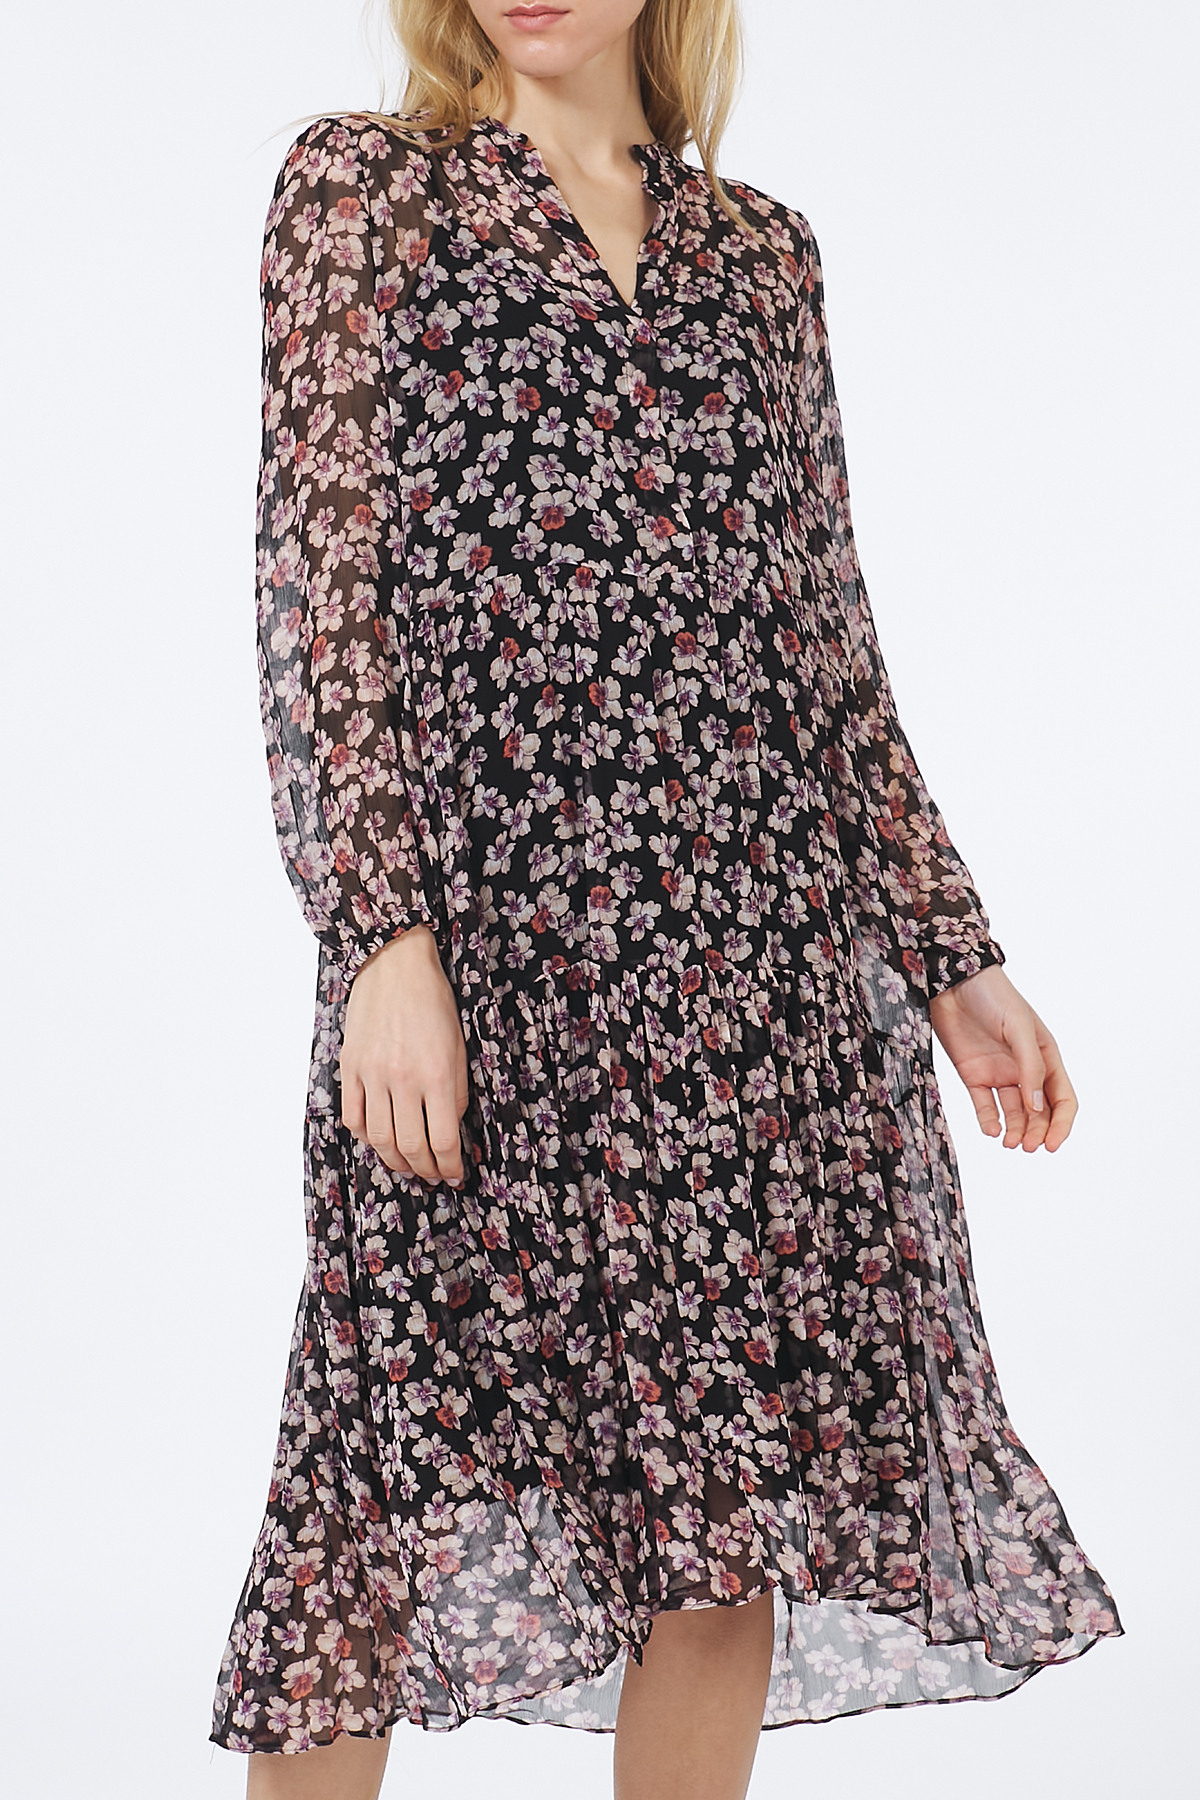 Kleid Fleurir Aus Viskosechiffon  Second Female